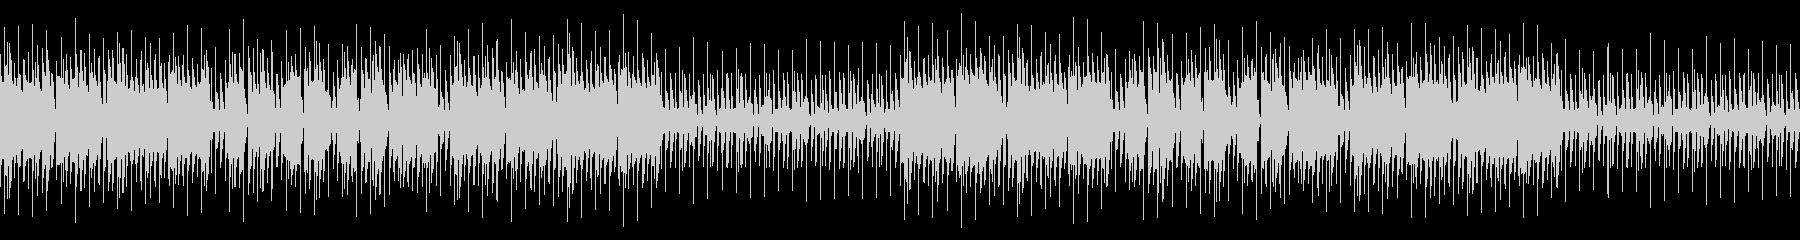 アイリッシュ・ゲーム・ほのぼの日常の未再生の波形